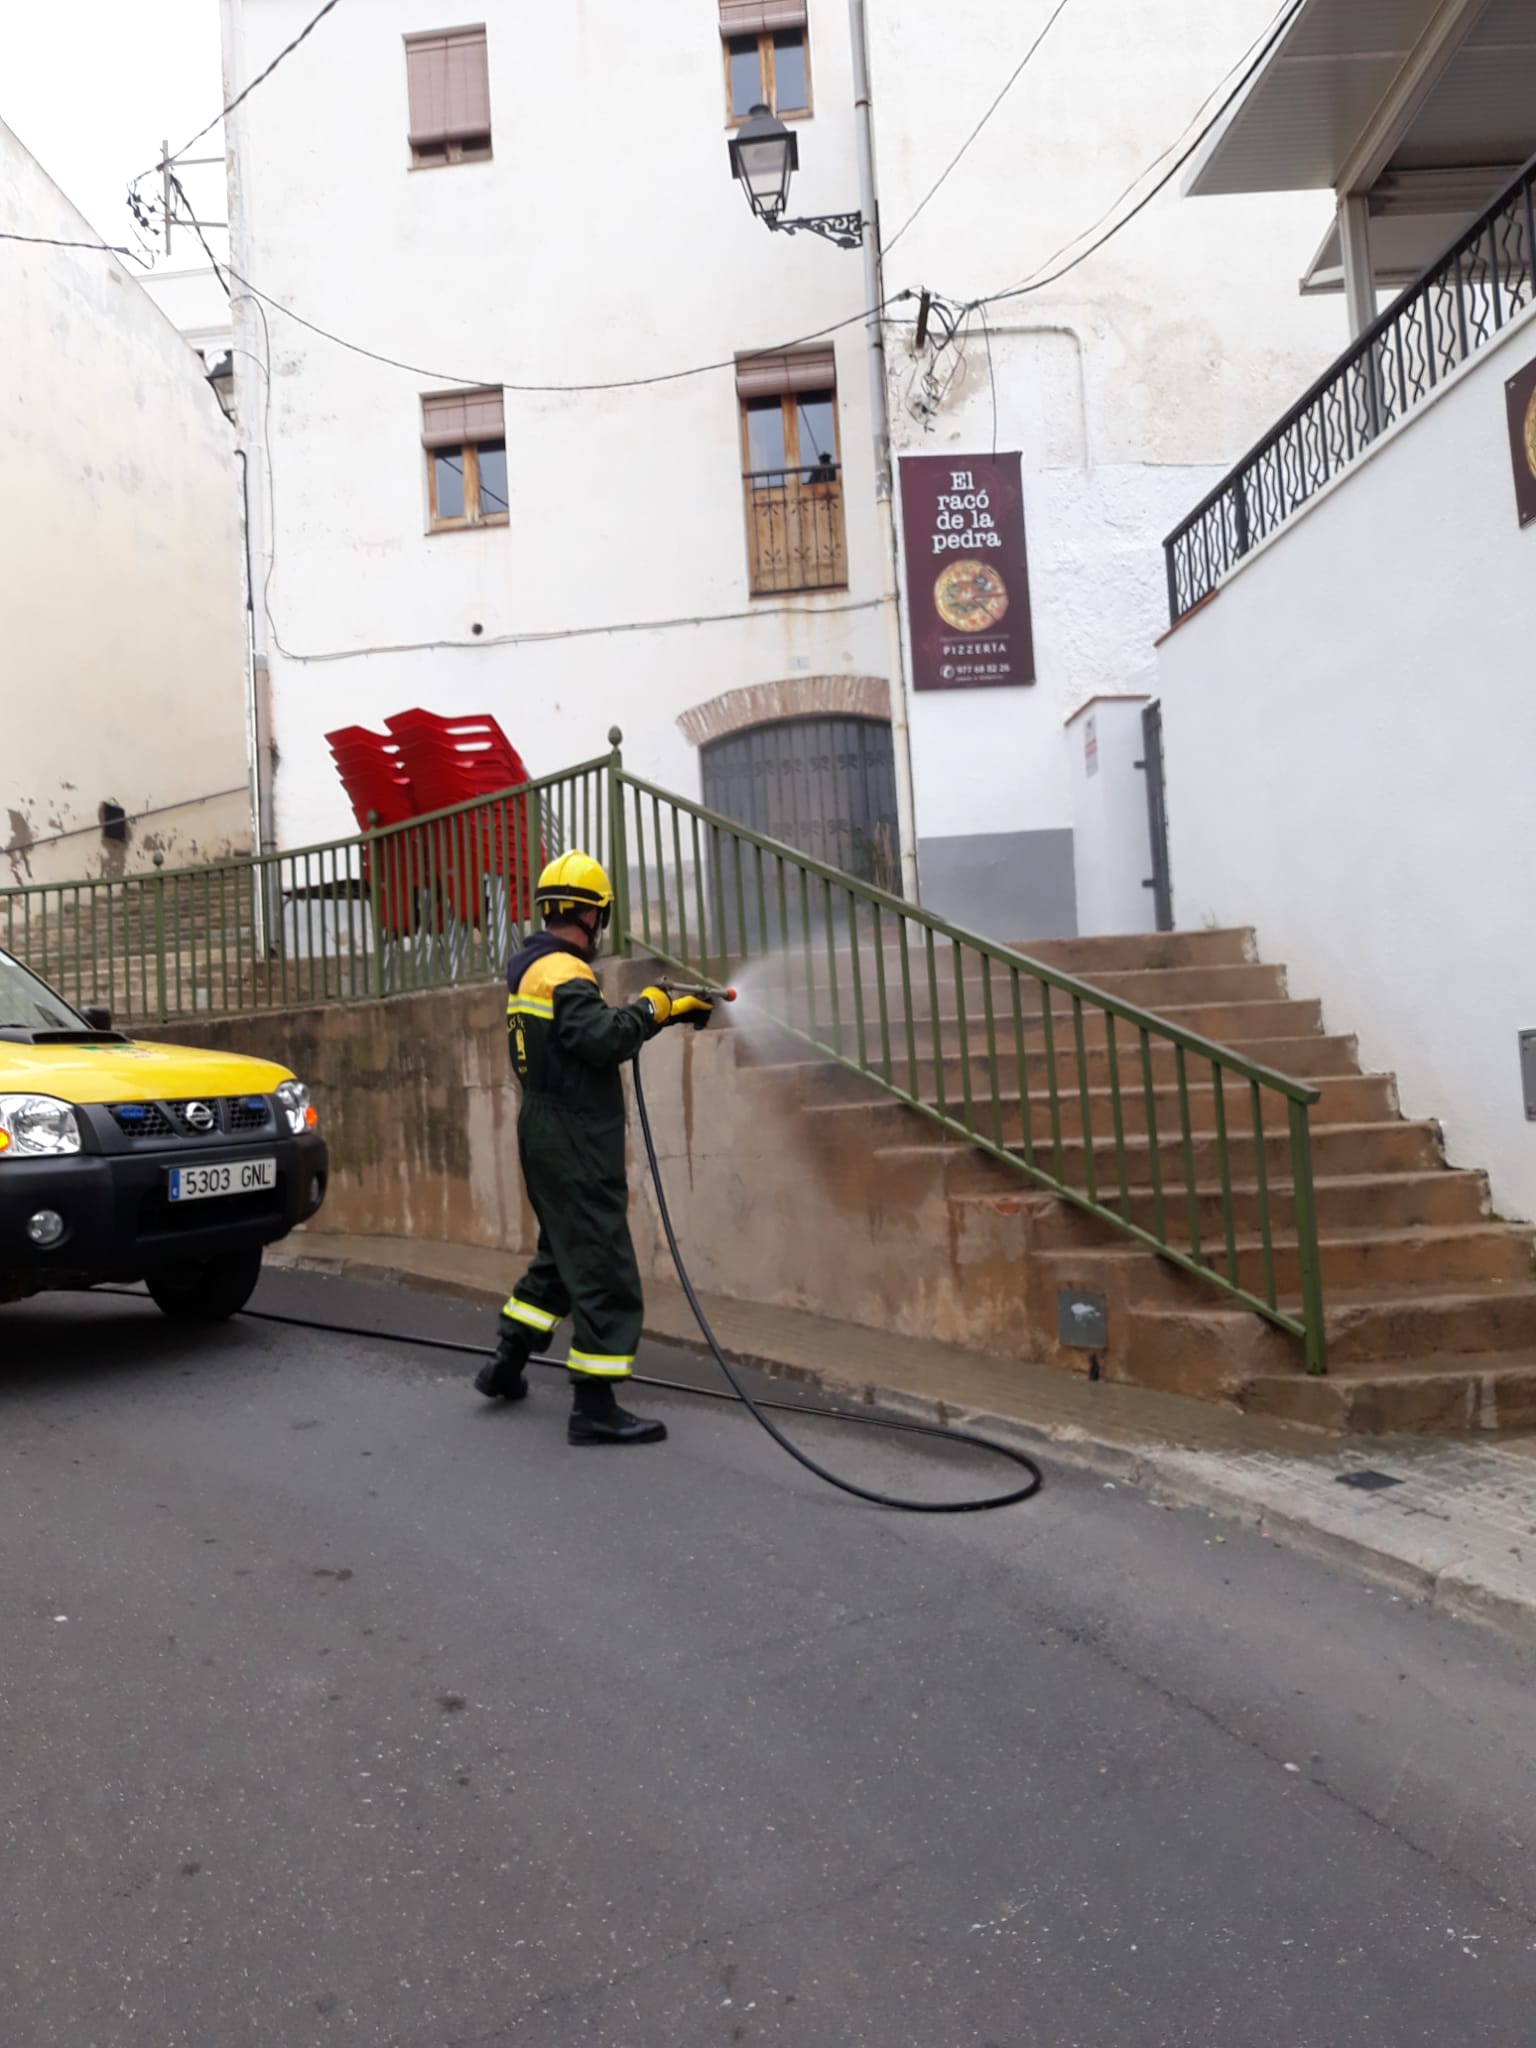 Continuen els treballs de desinfecció a càrrec de l'ADF Clot de Bou